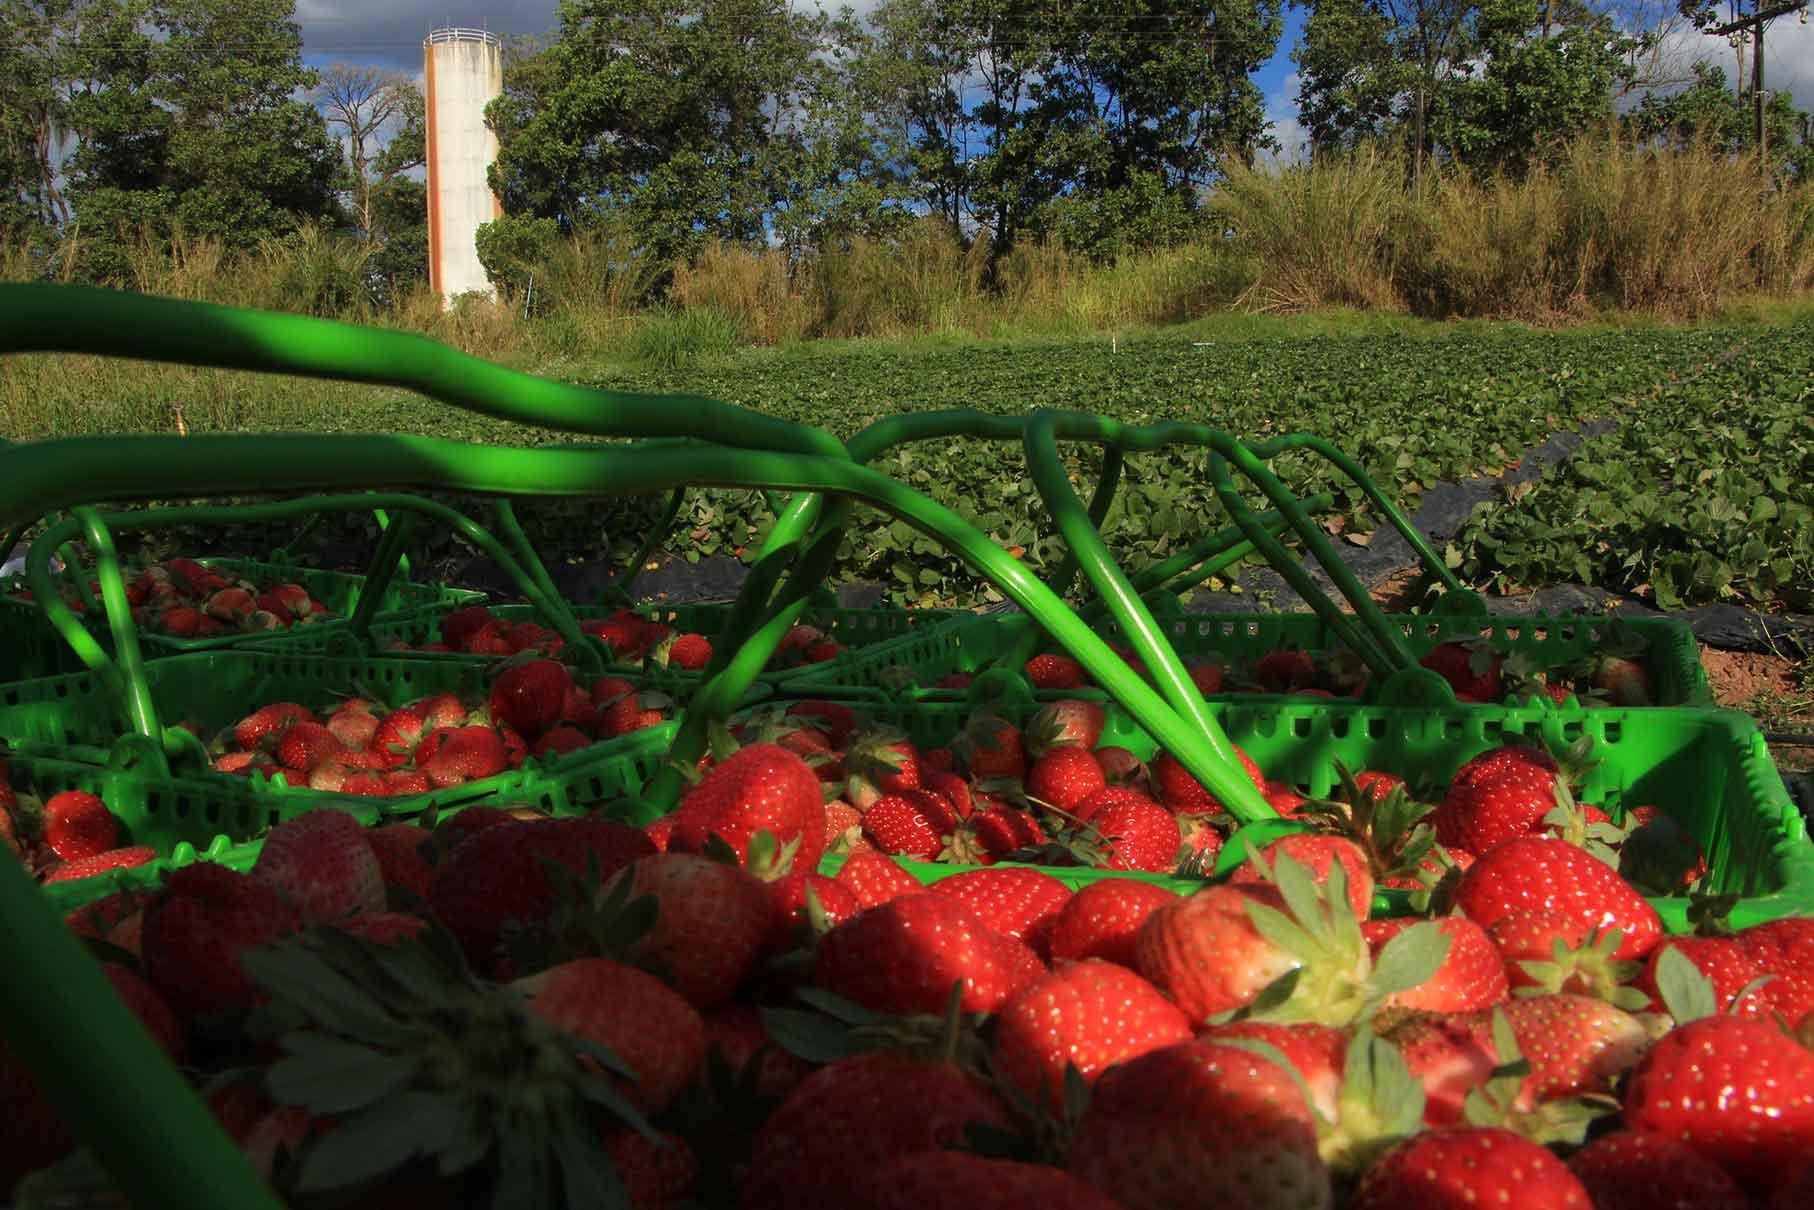 Frutas no Circuito das Frutas-atibaia-frutas-plantacao-colheita-morango-IMG_0447-bx